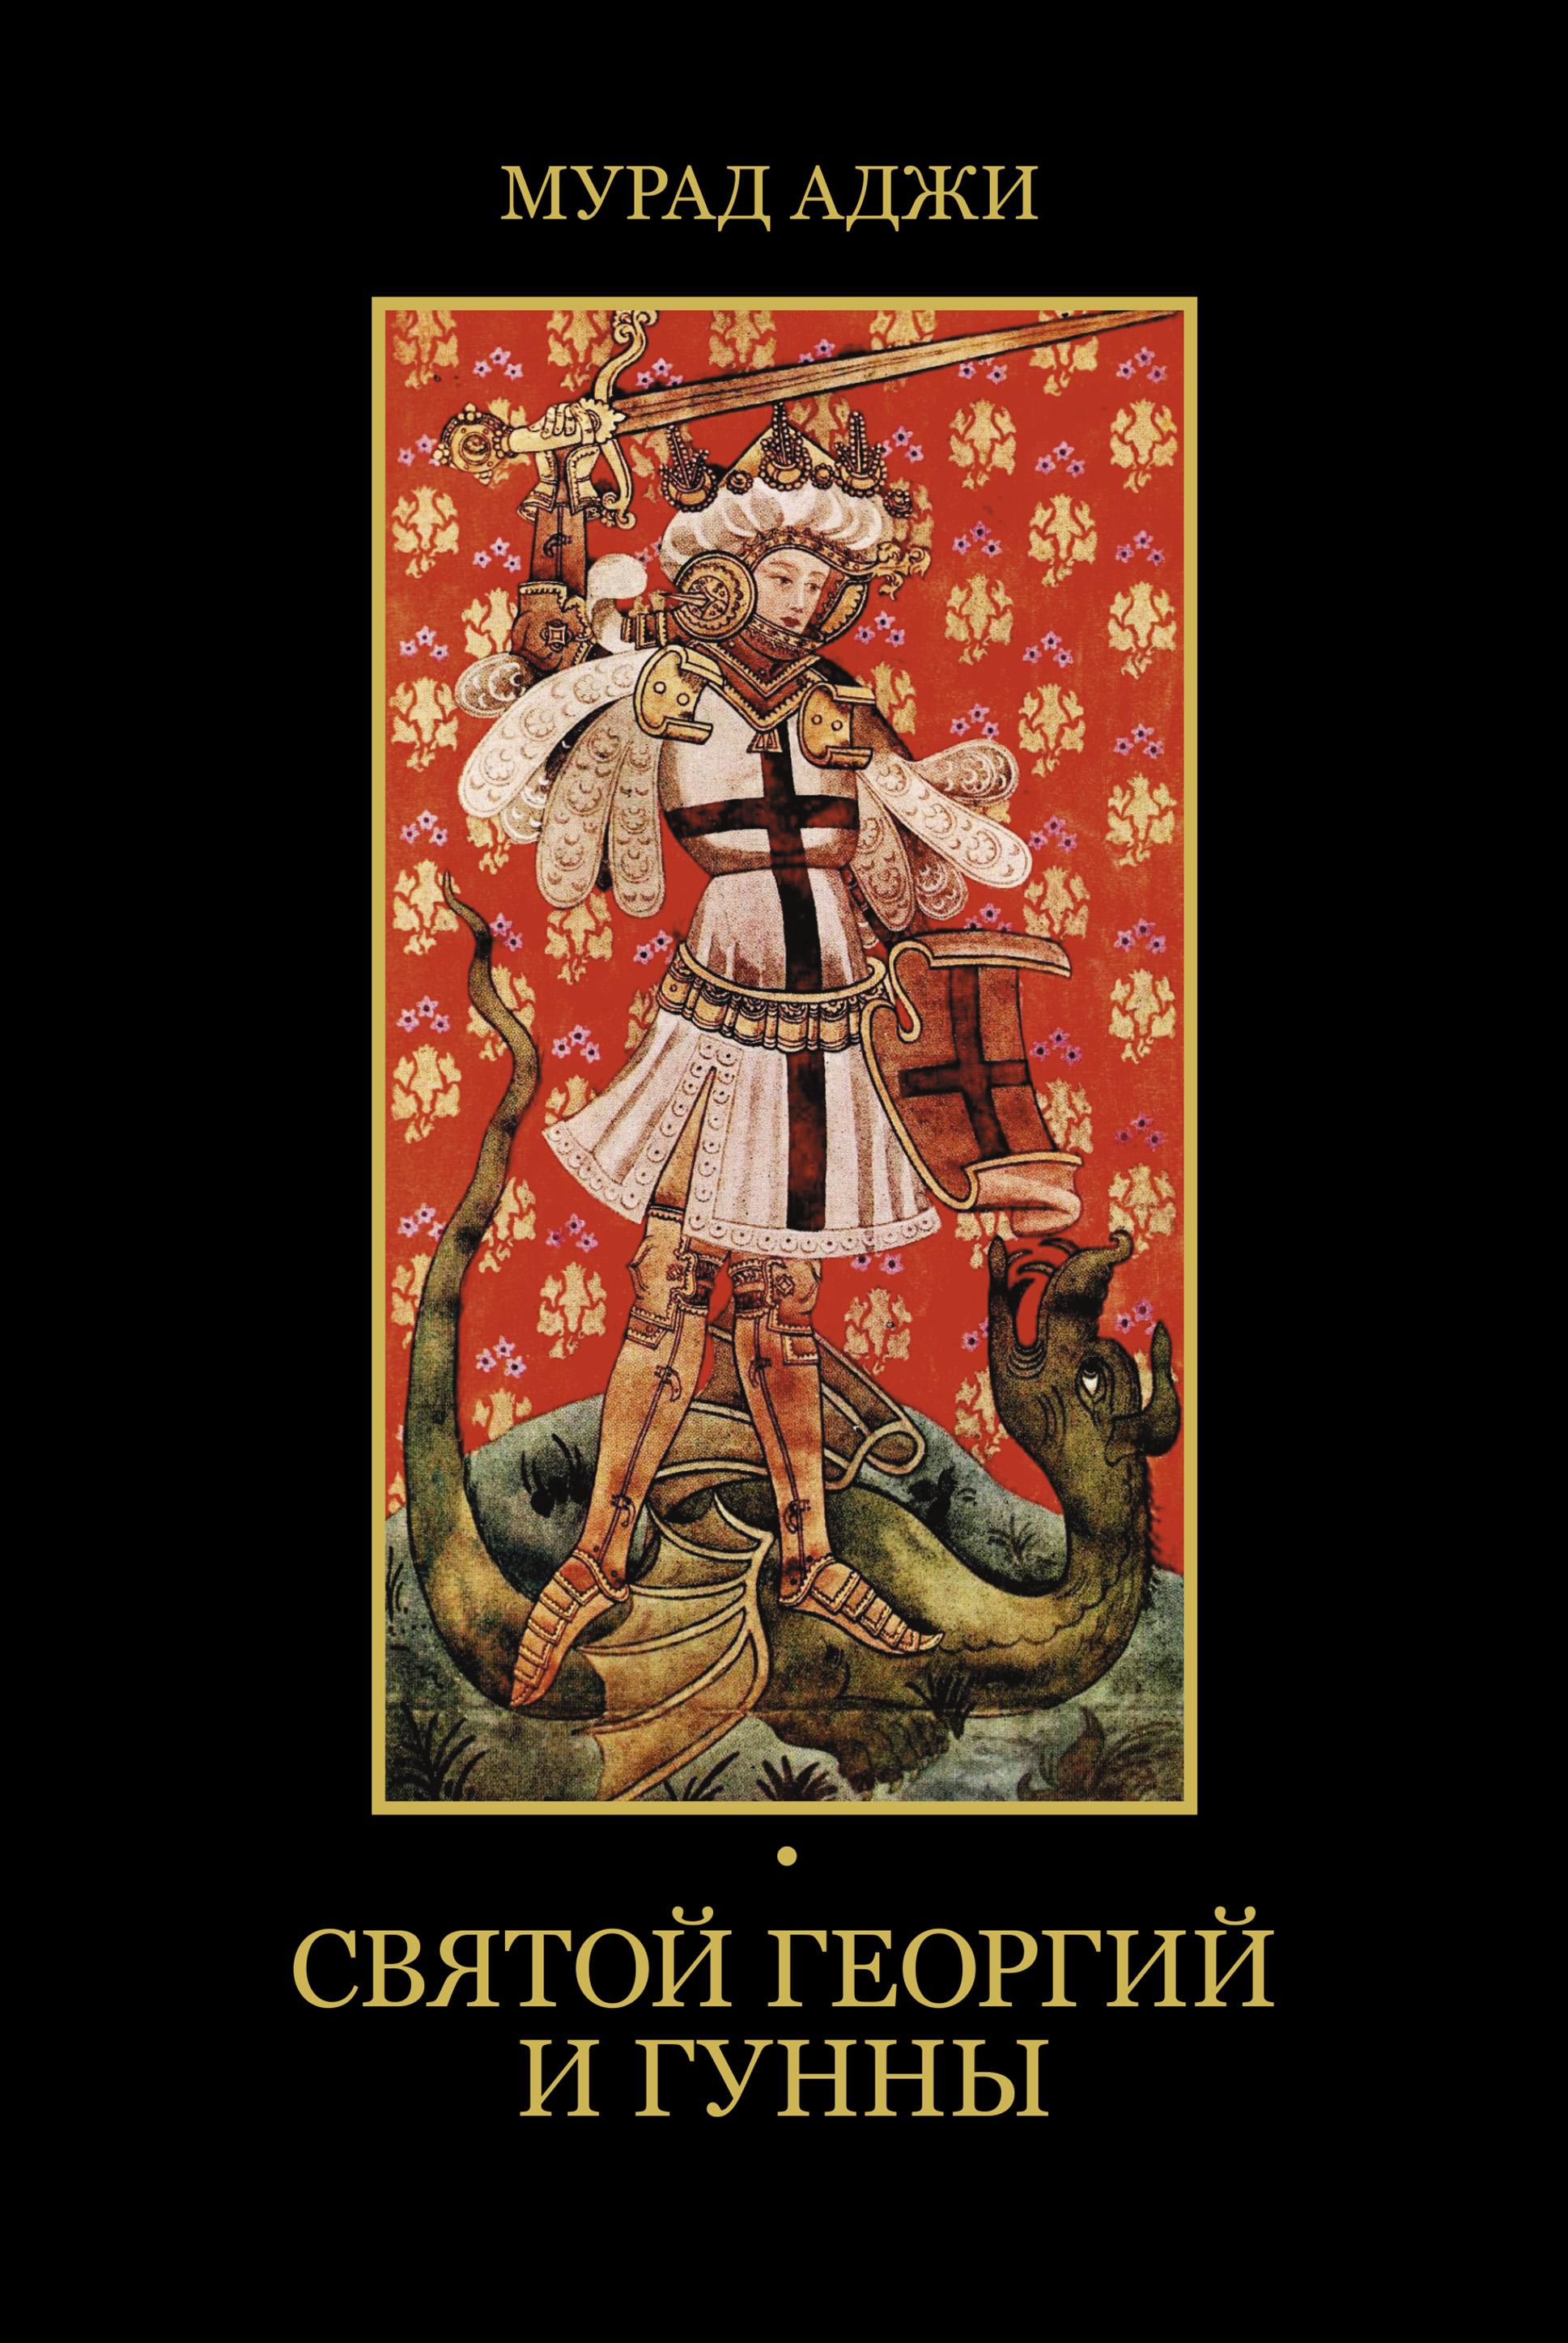 Купить книгу Святой Георгий и гунны, автора Мурада Аджи